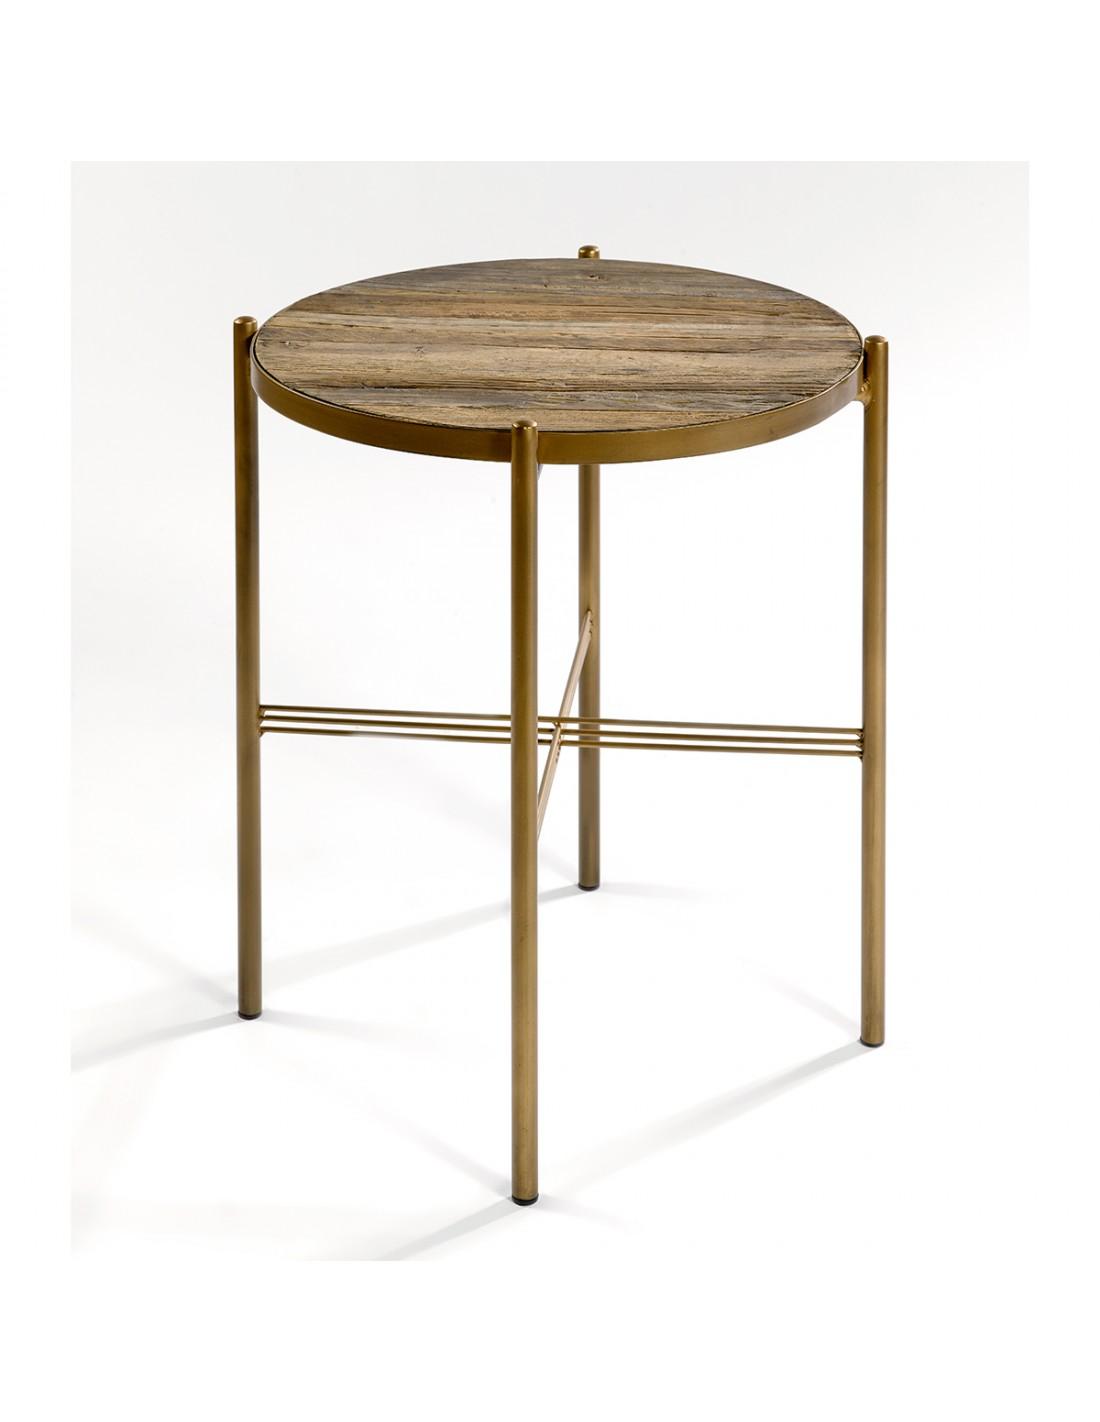 Table Dorée D'orme Et Auxilaire Bois vm8wnN0